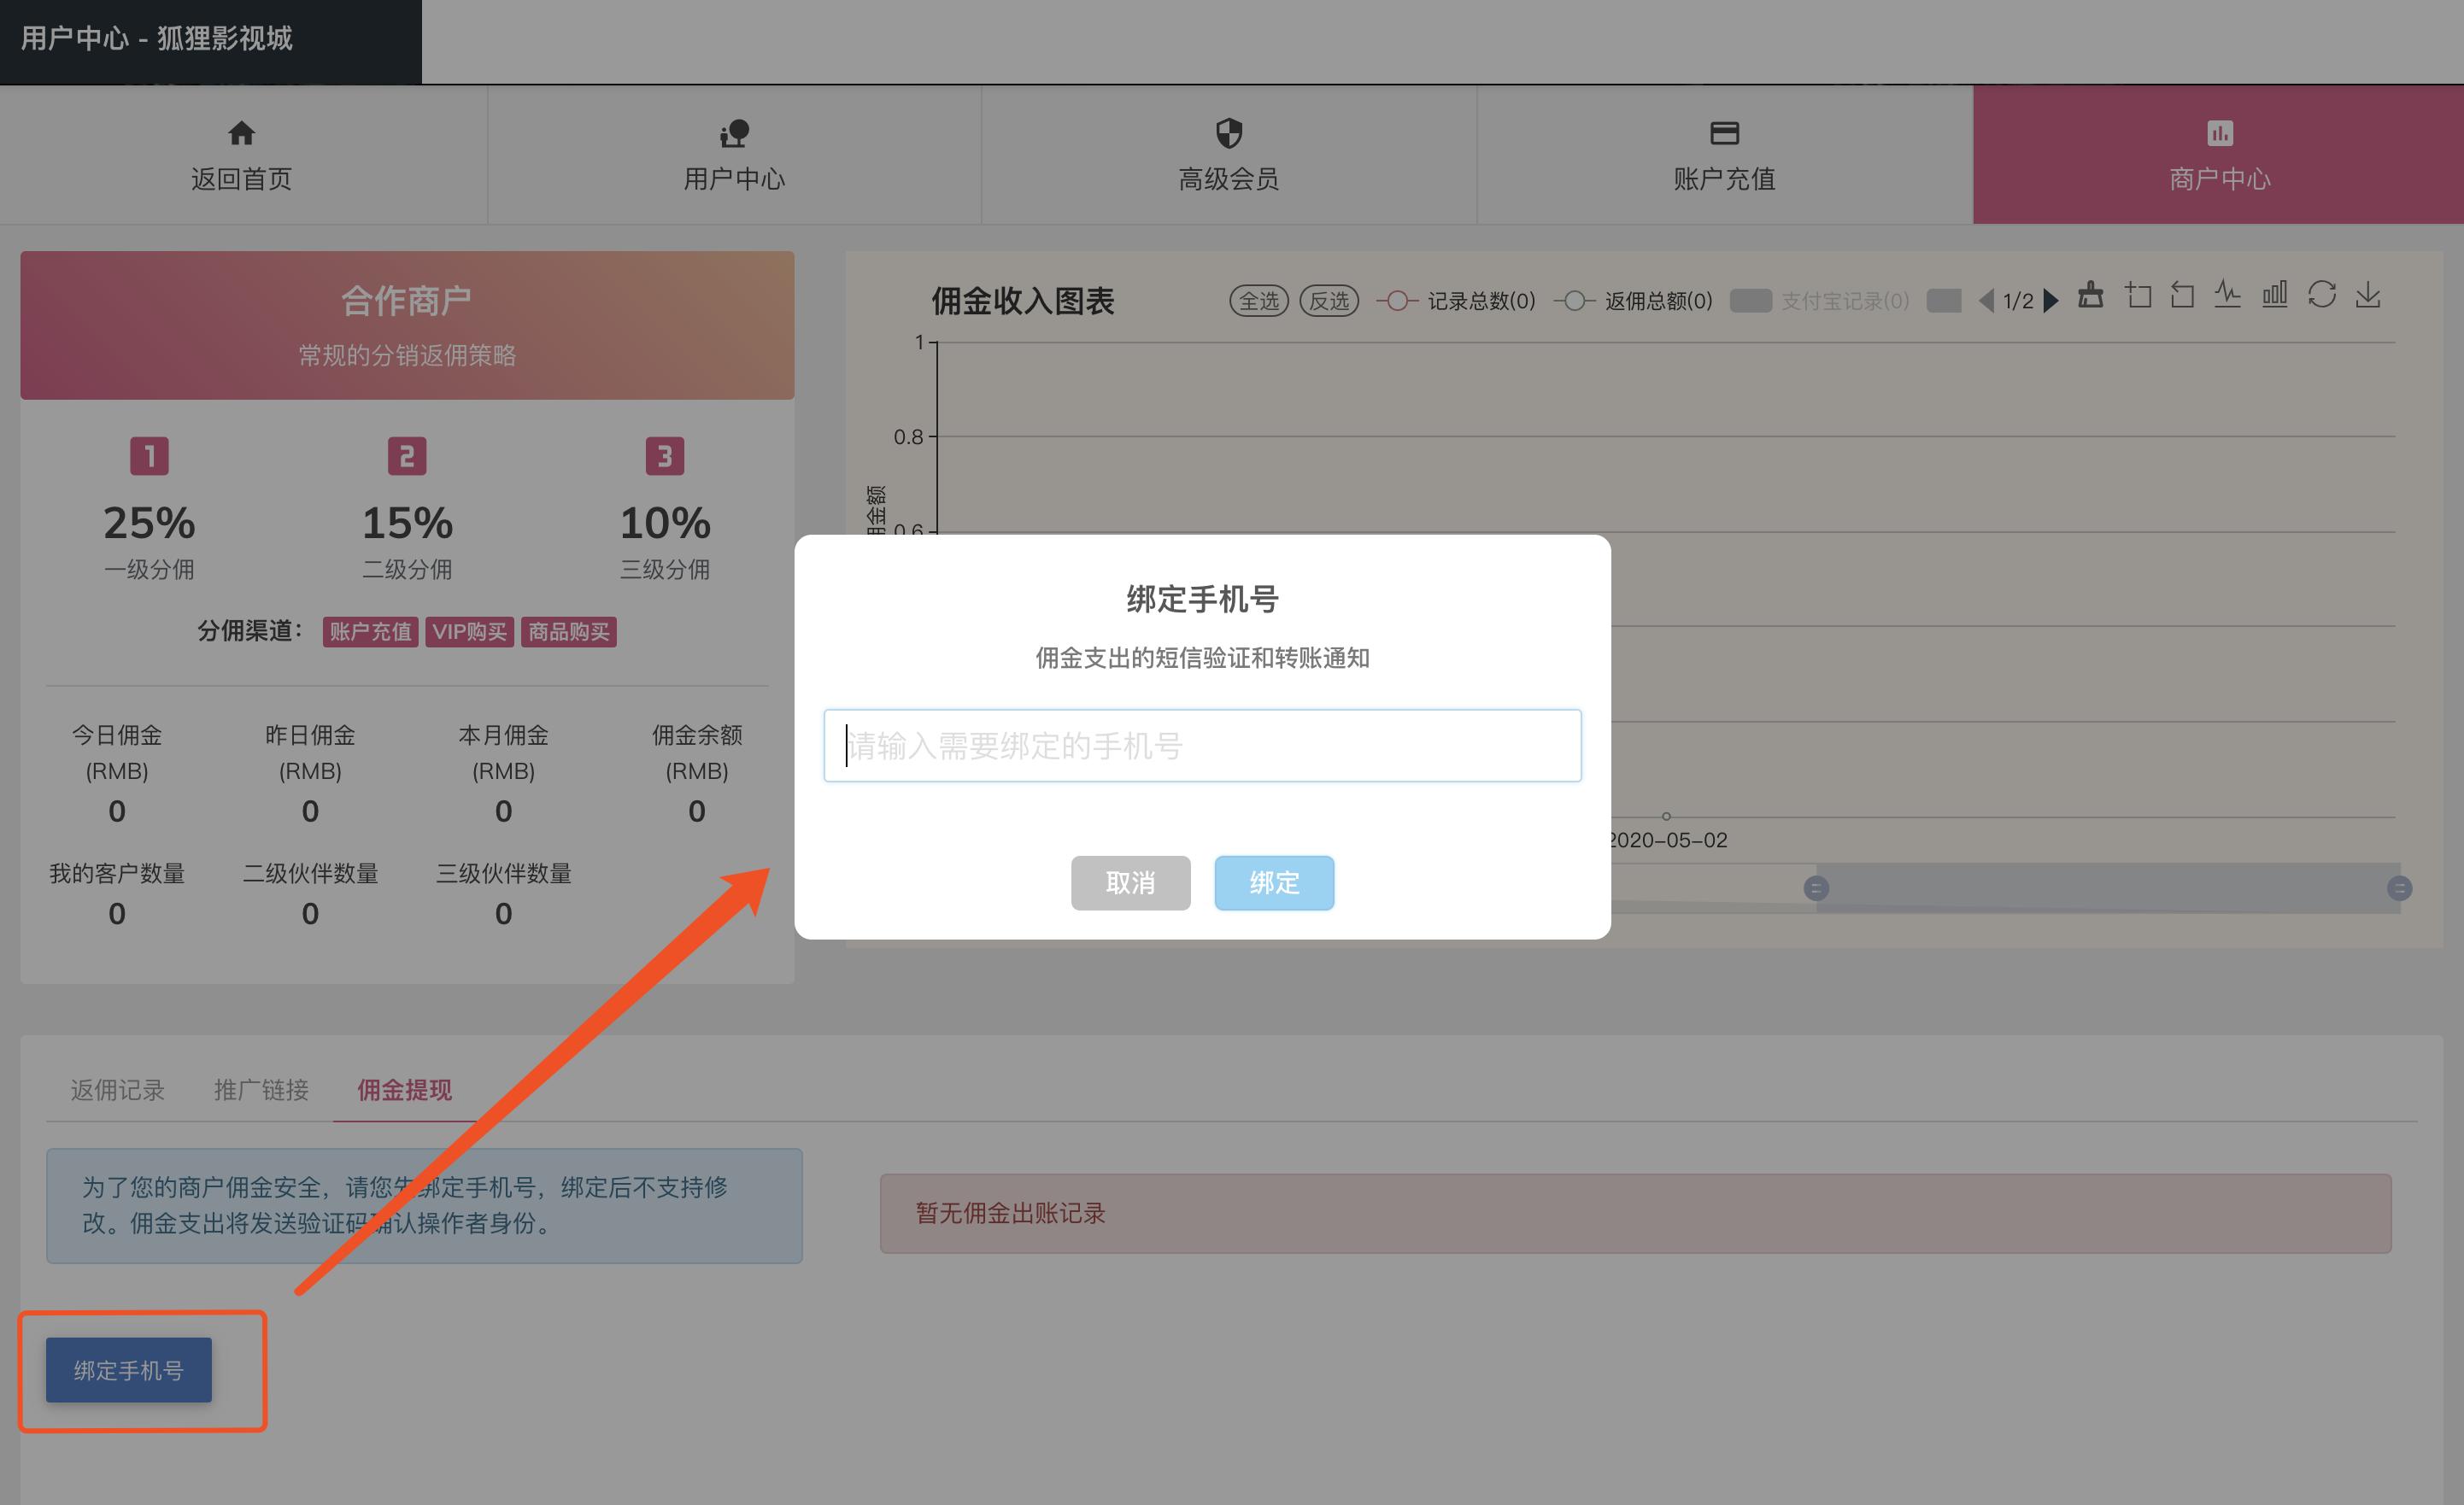 从用户申请提现到人工完成转账,并在会员系统后台进行确认的平均时间